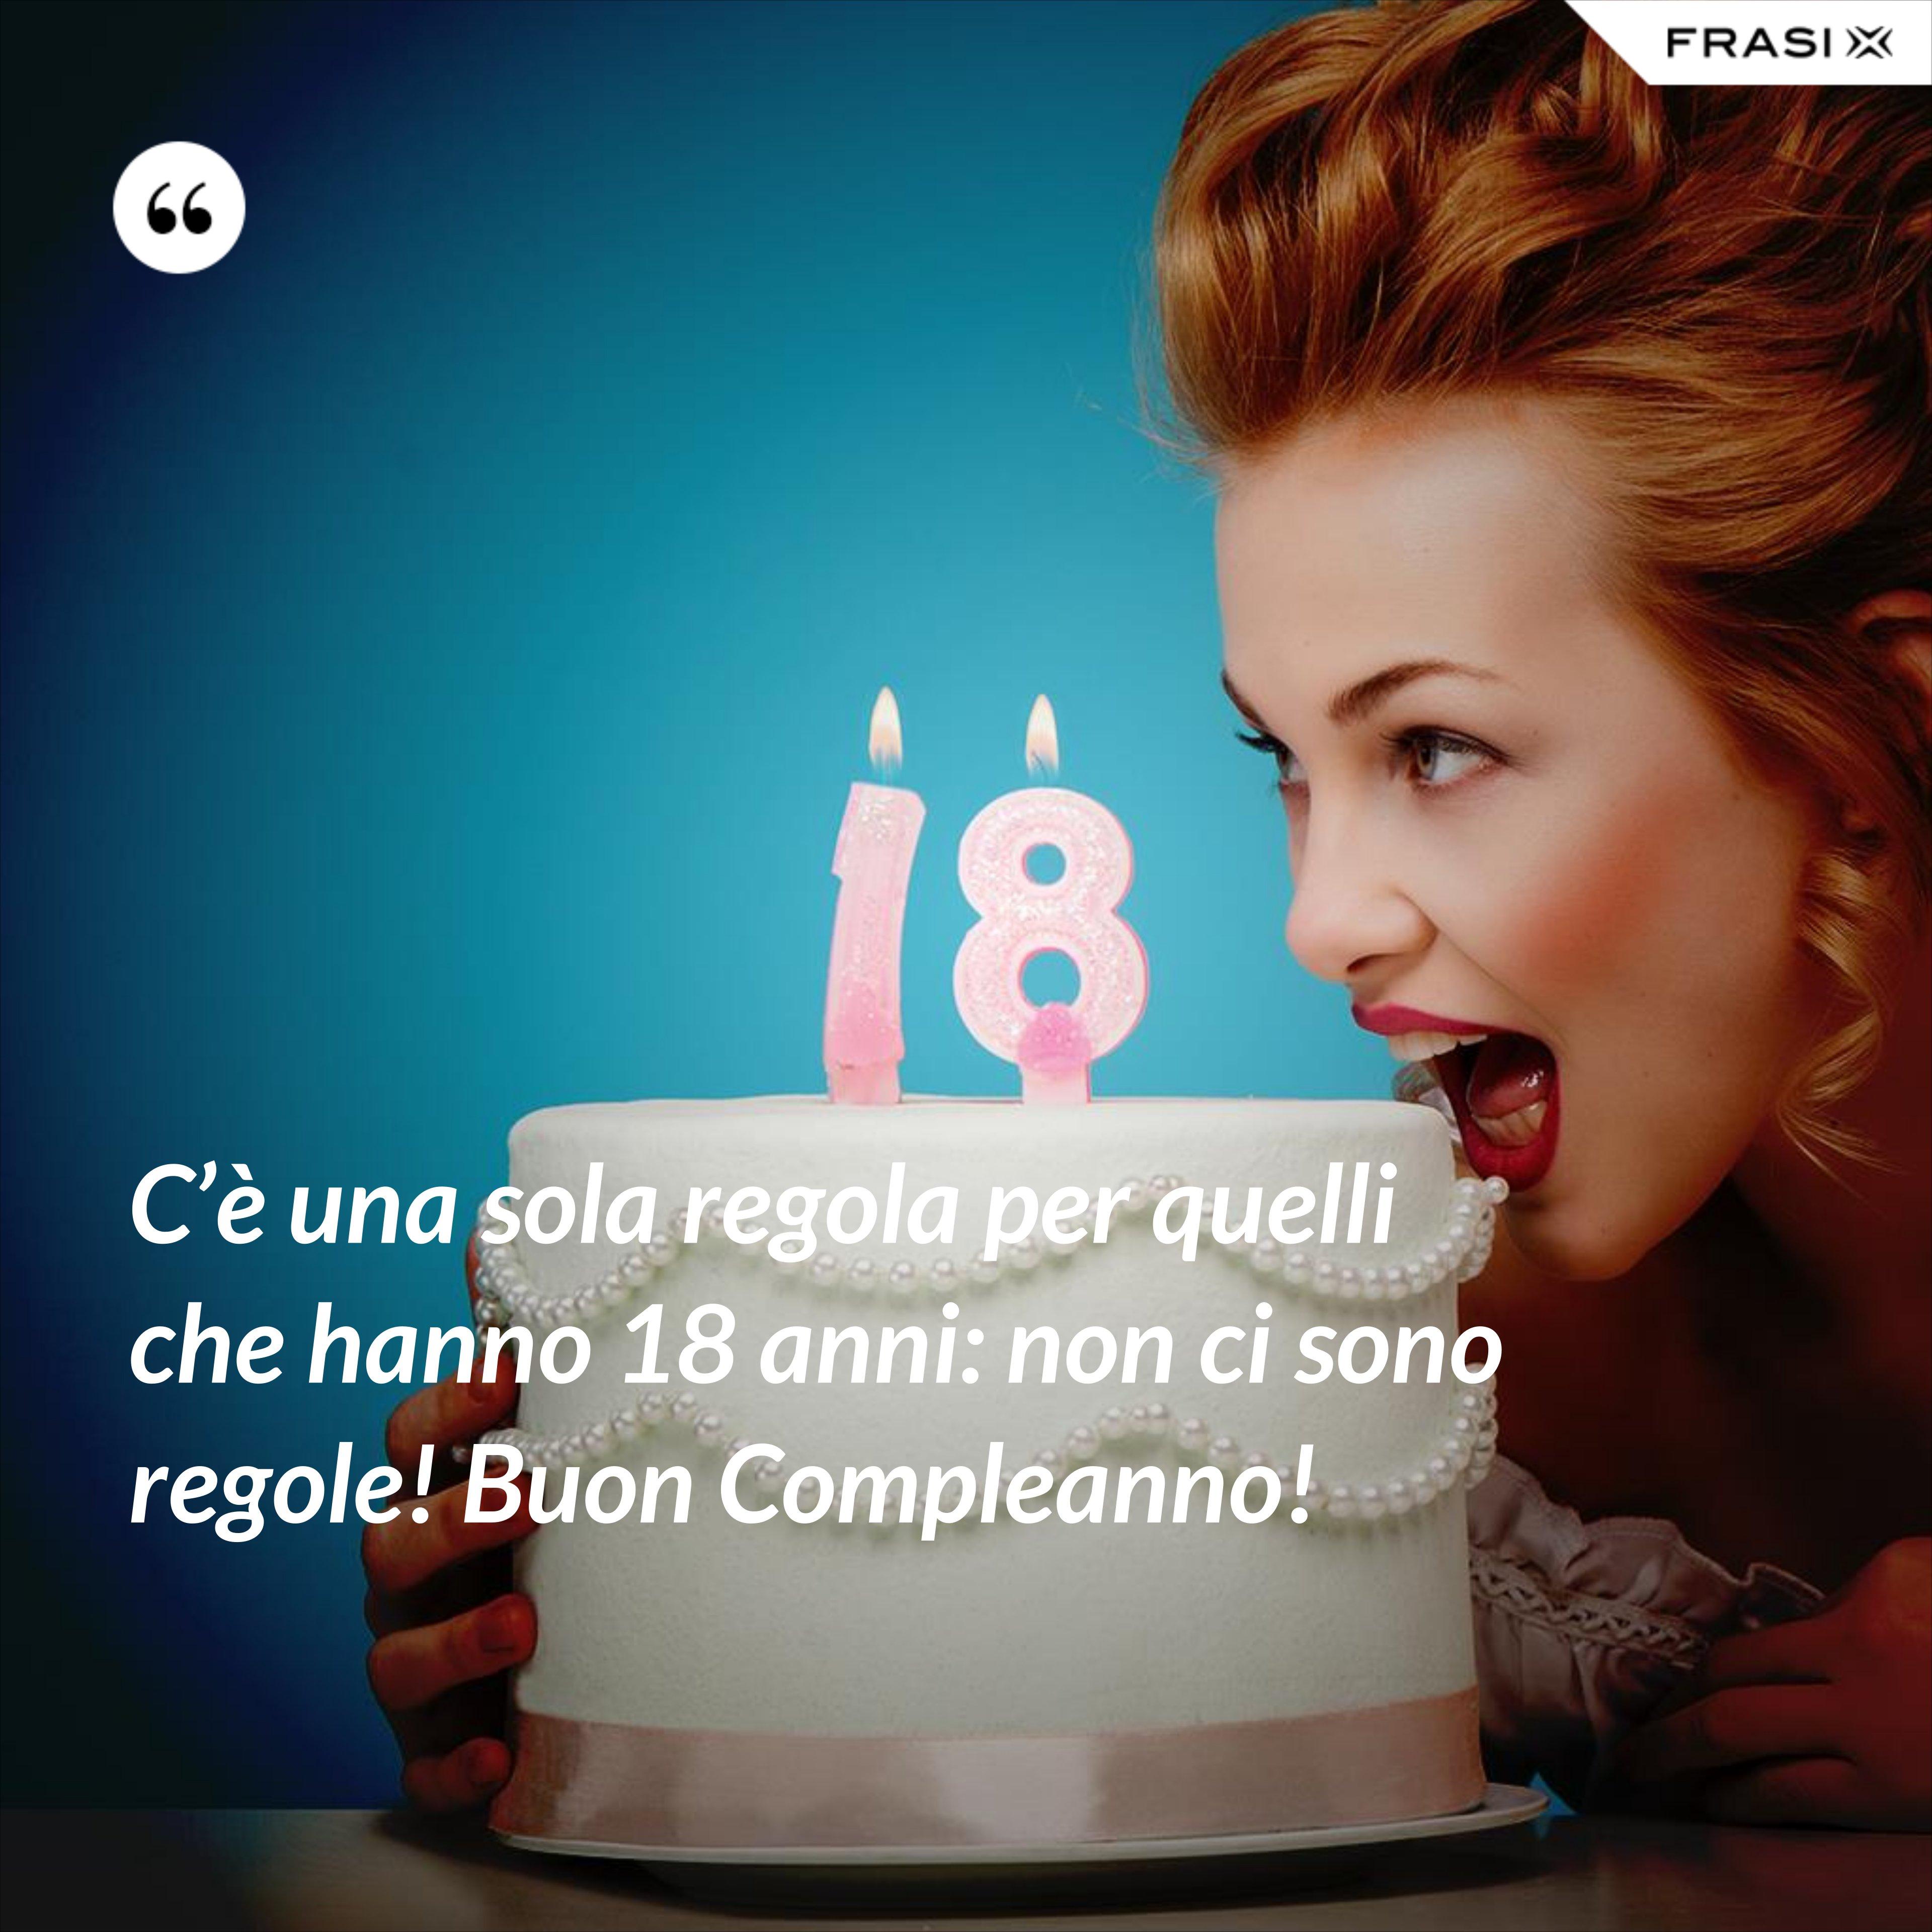 C'è una sola regola per quelli che hanno 18 anni: non ci sono regole! Buon Compleanno! - Anonimo